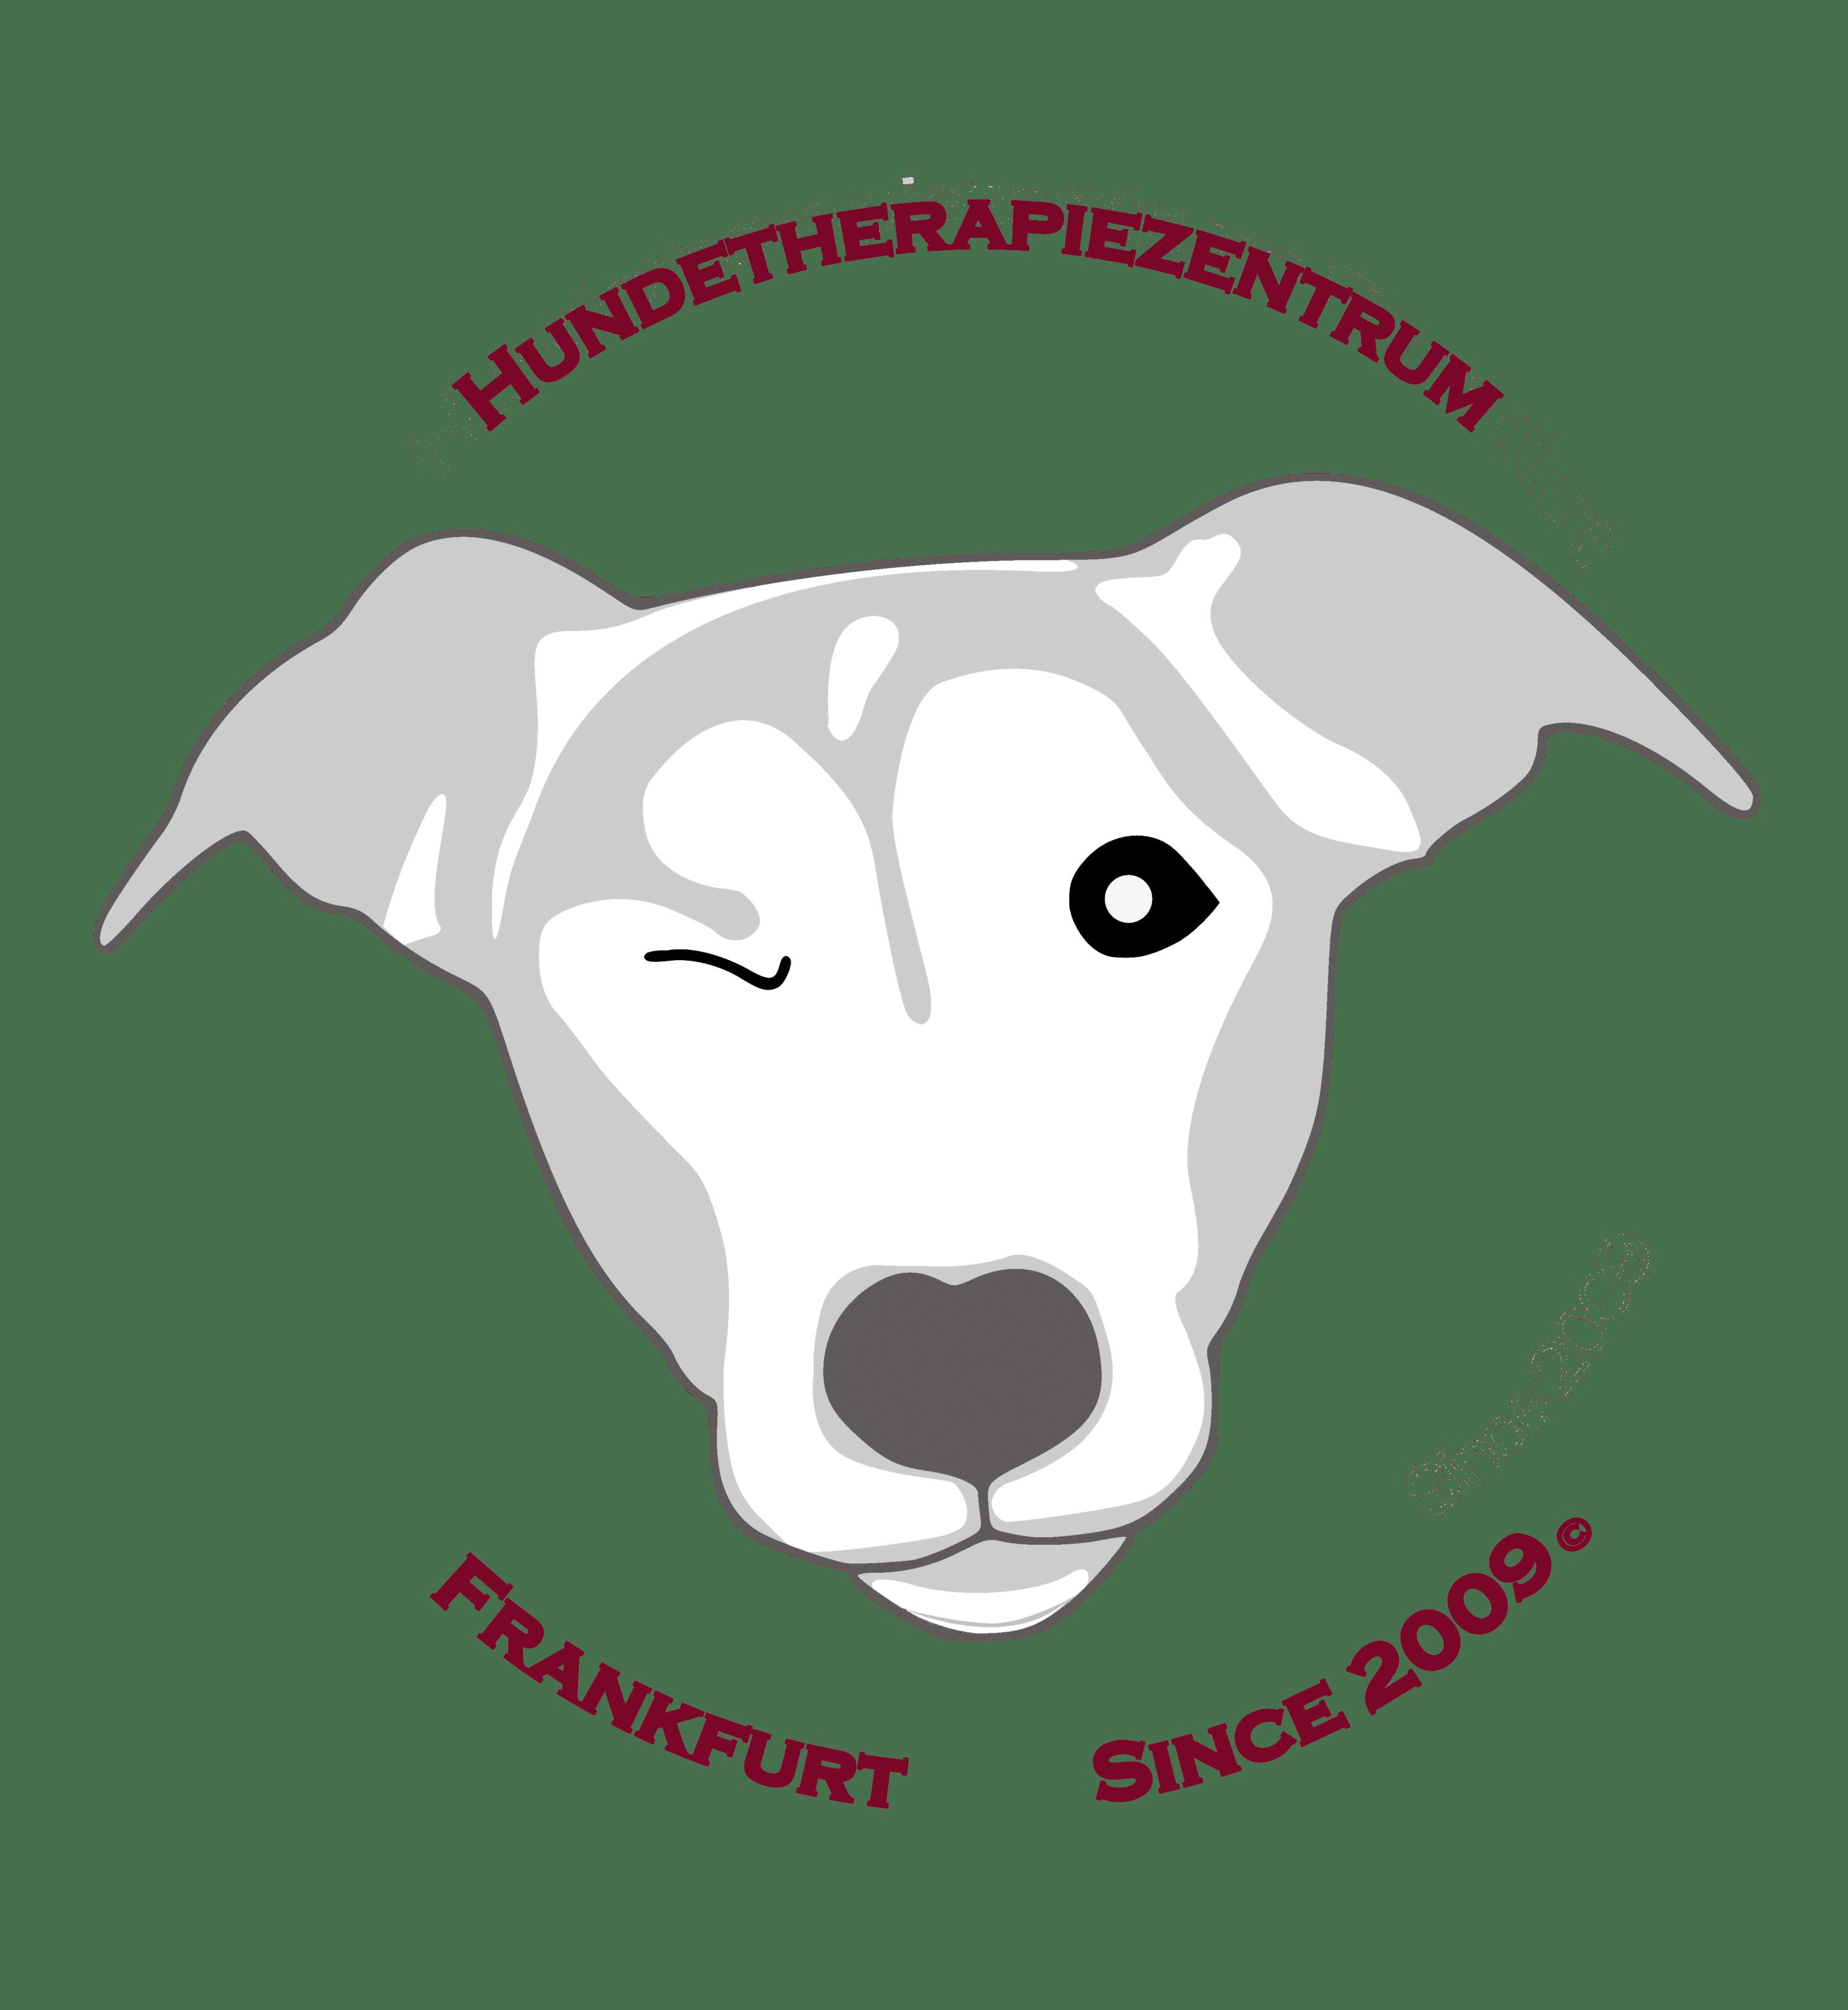 Hundetherapiezentrum Frankfurt